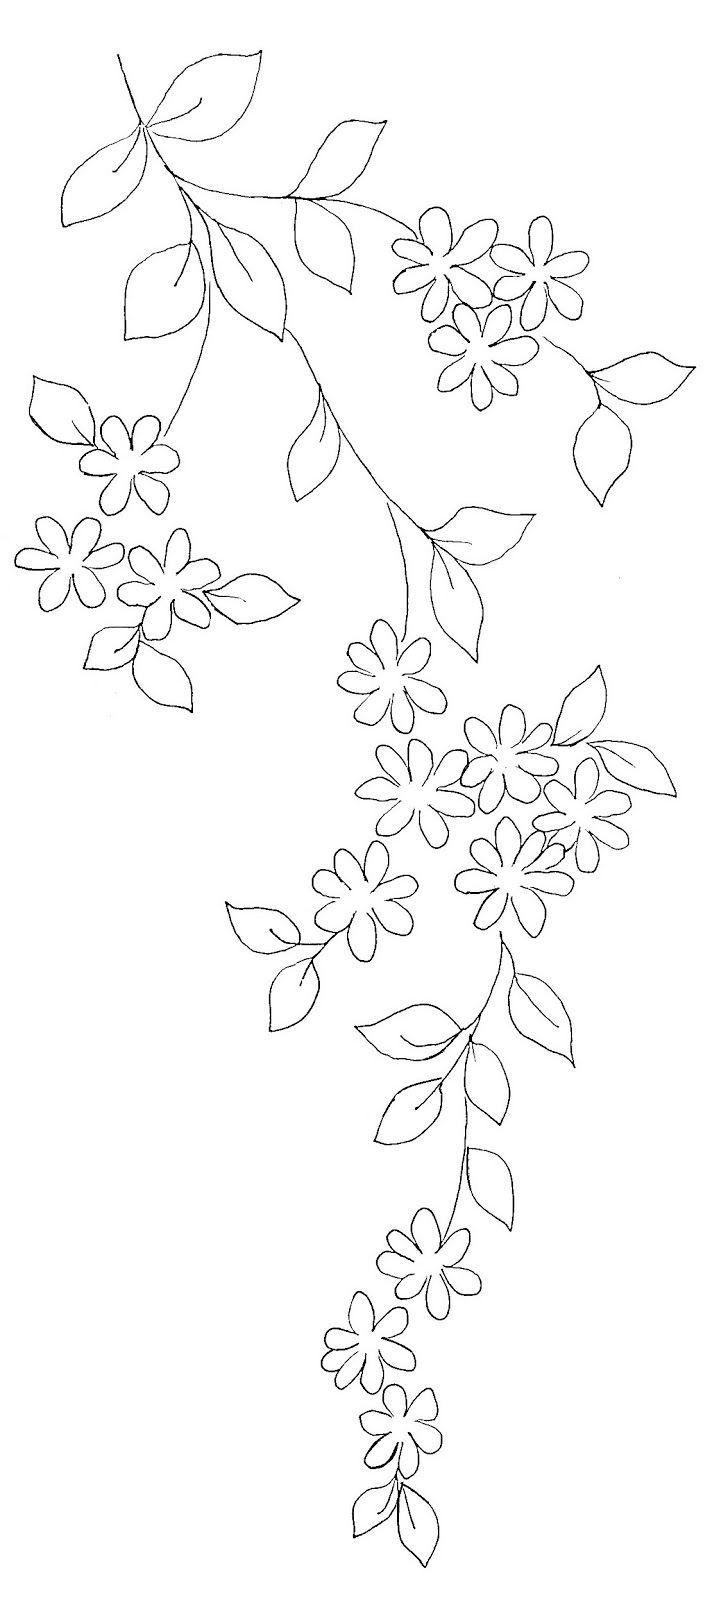 Simple Hand Embroidery Designs Of Flowers Valoblogi Com